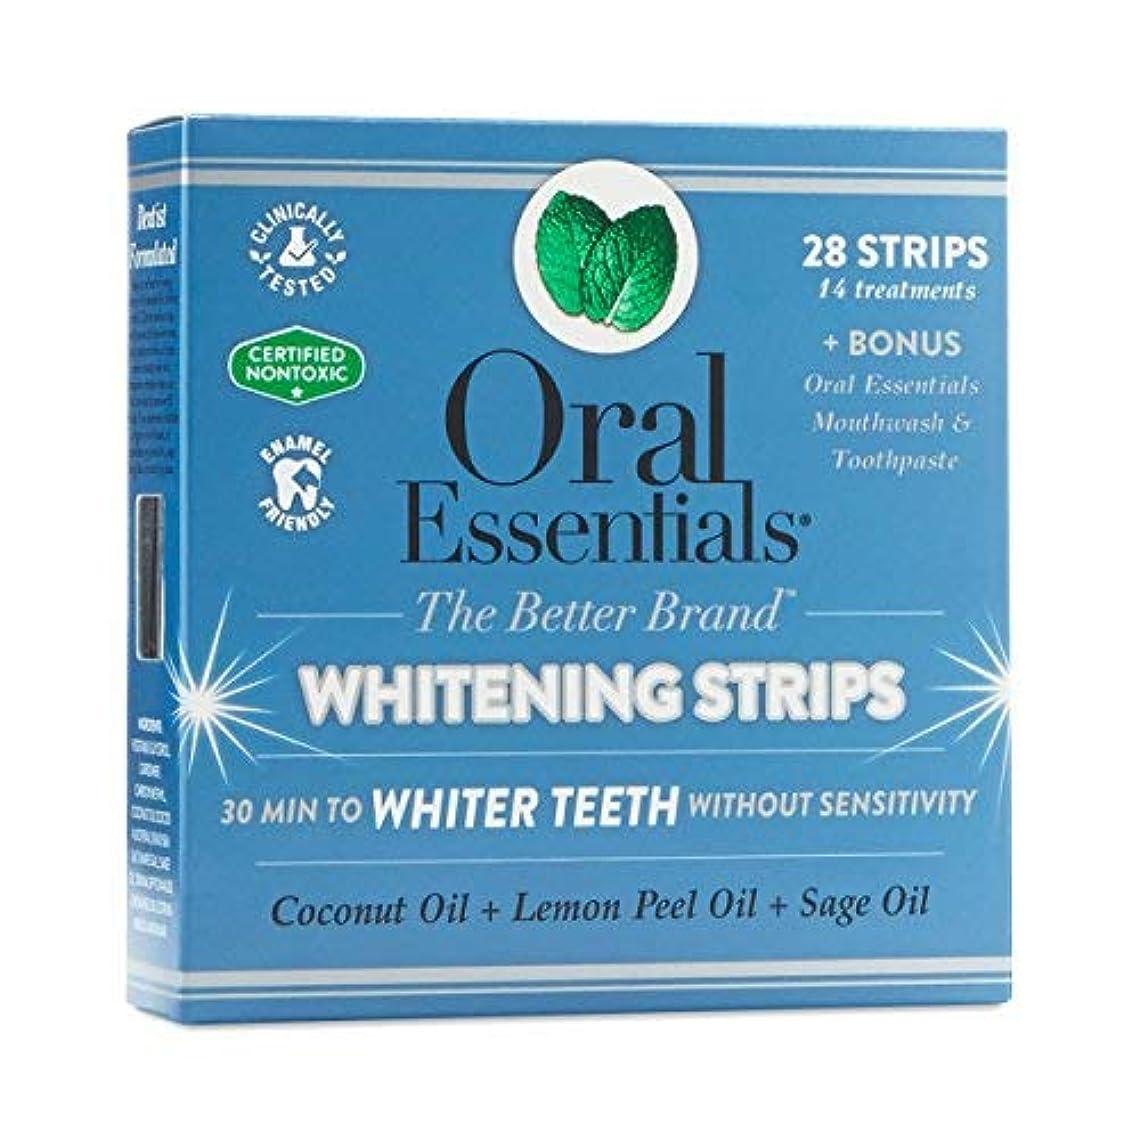 ぼかし植物のスカーフホワイトニングストリップ オーラルエッセンシャル 14回分(上下24枚) 過酸化物なし、非毒性、敏感な歯茎に方にもやさしい 海外直送品